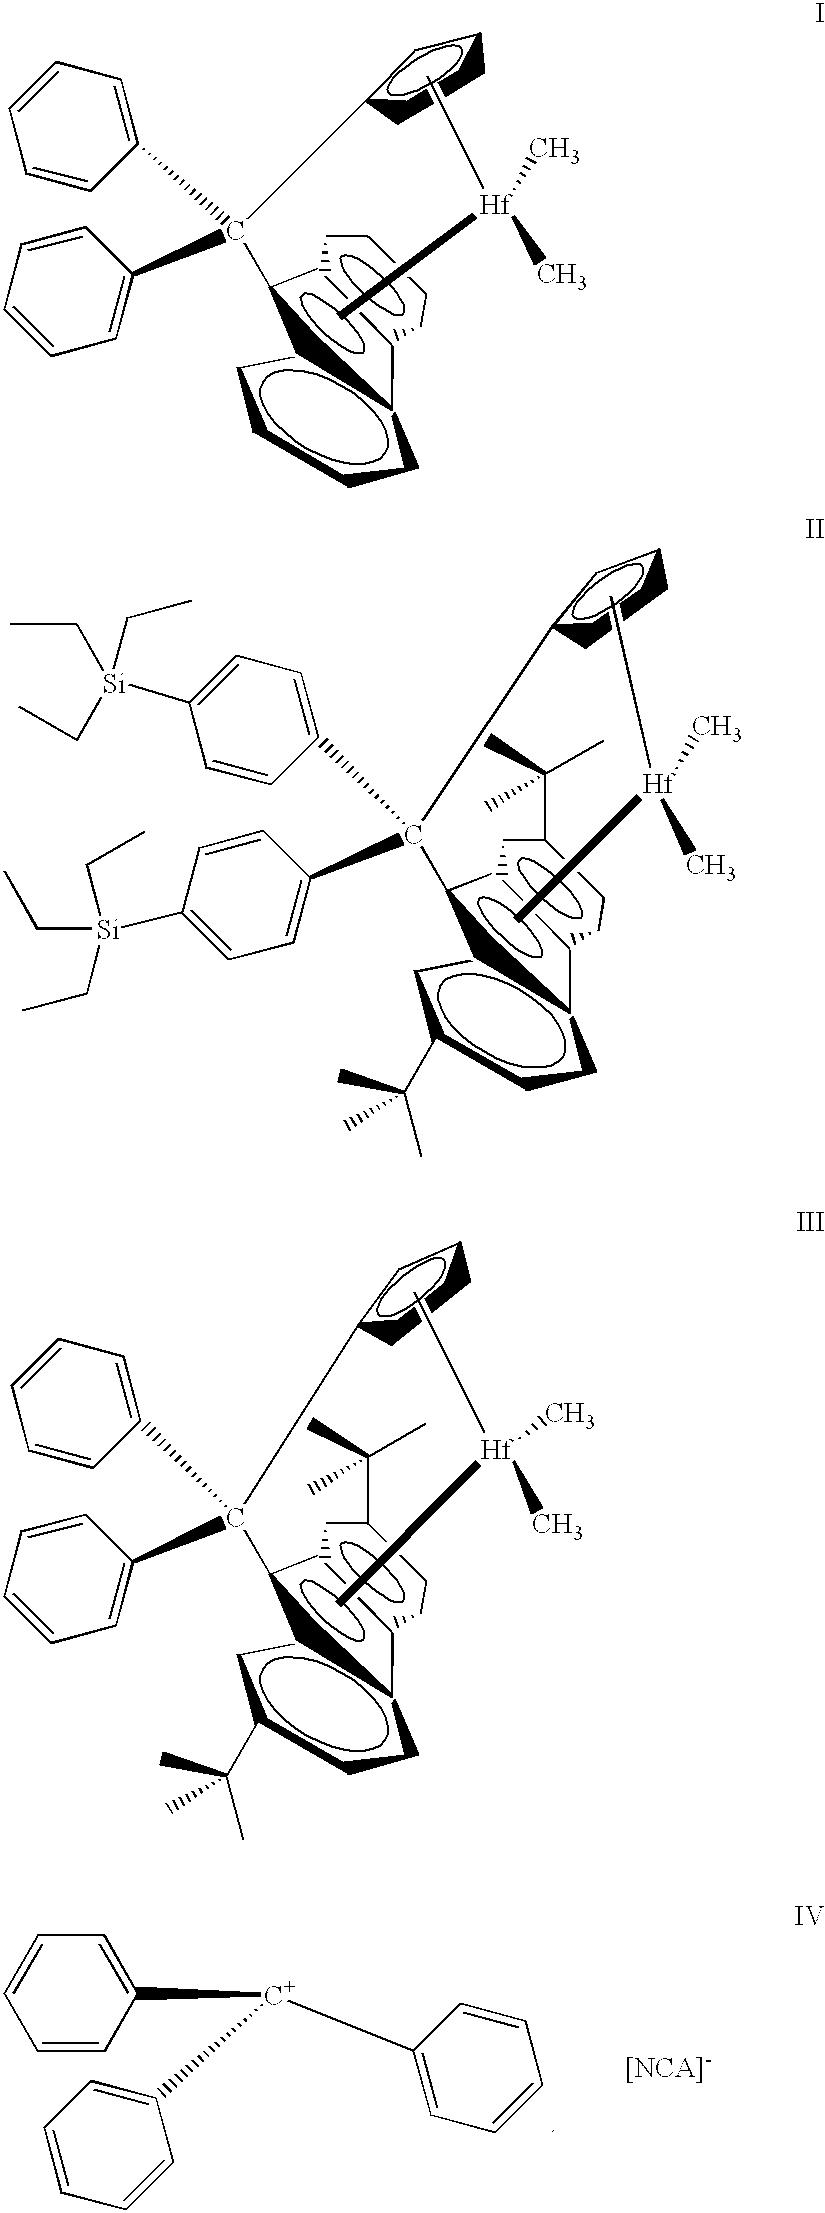 Figure US06486088-20021126-C00001